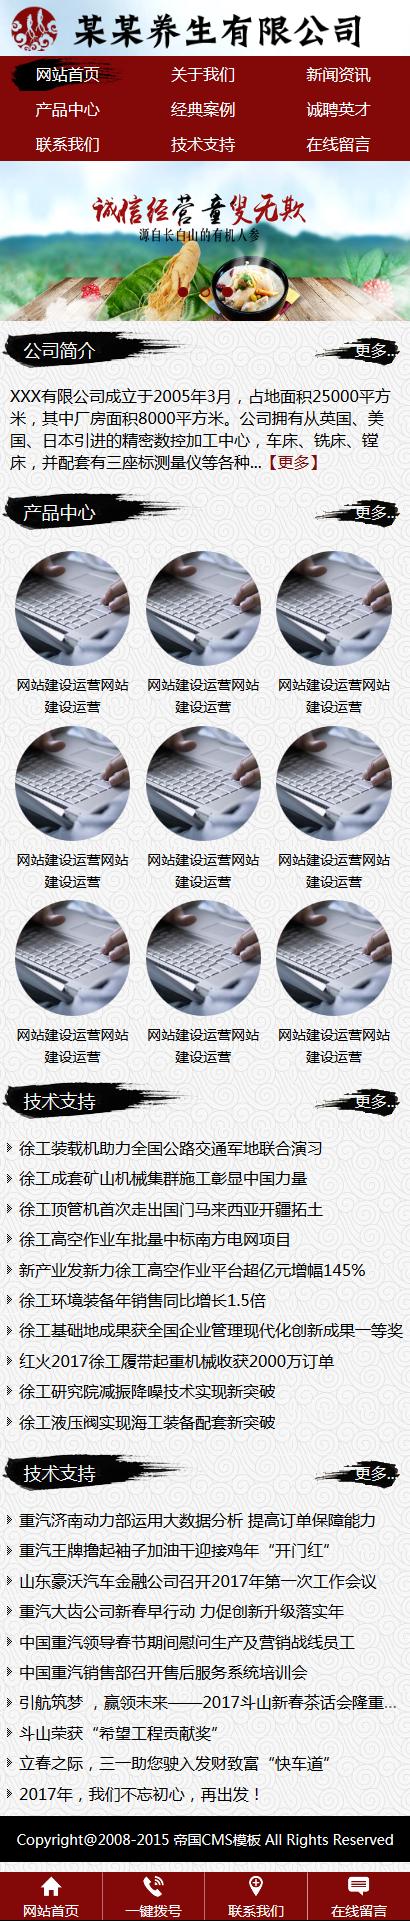 帝国cms公司企业wap手机模板红色系_首页